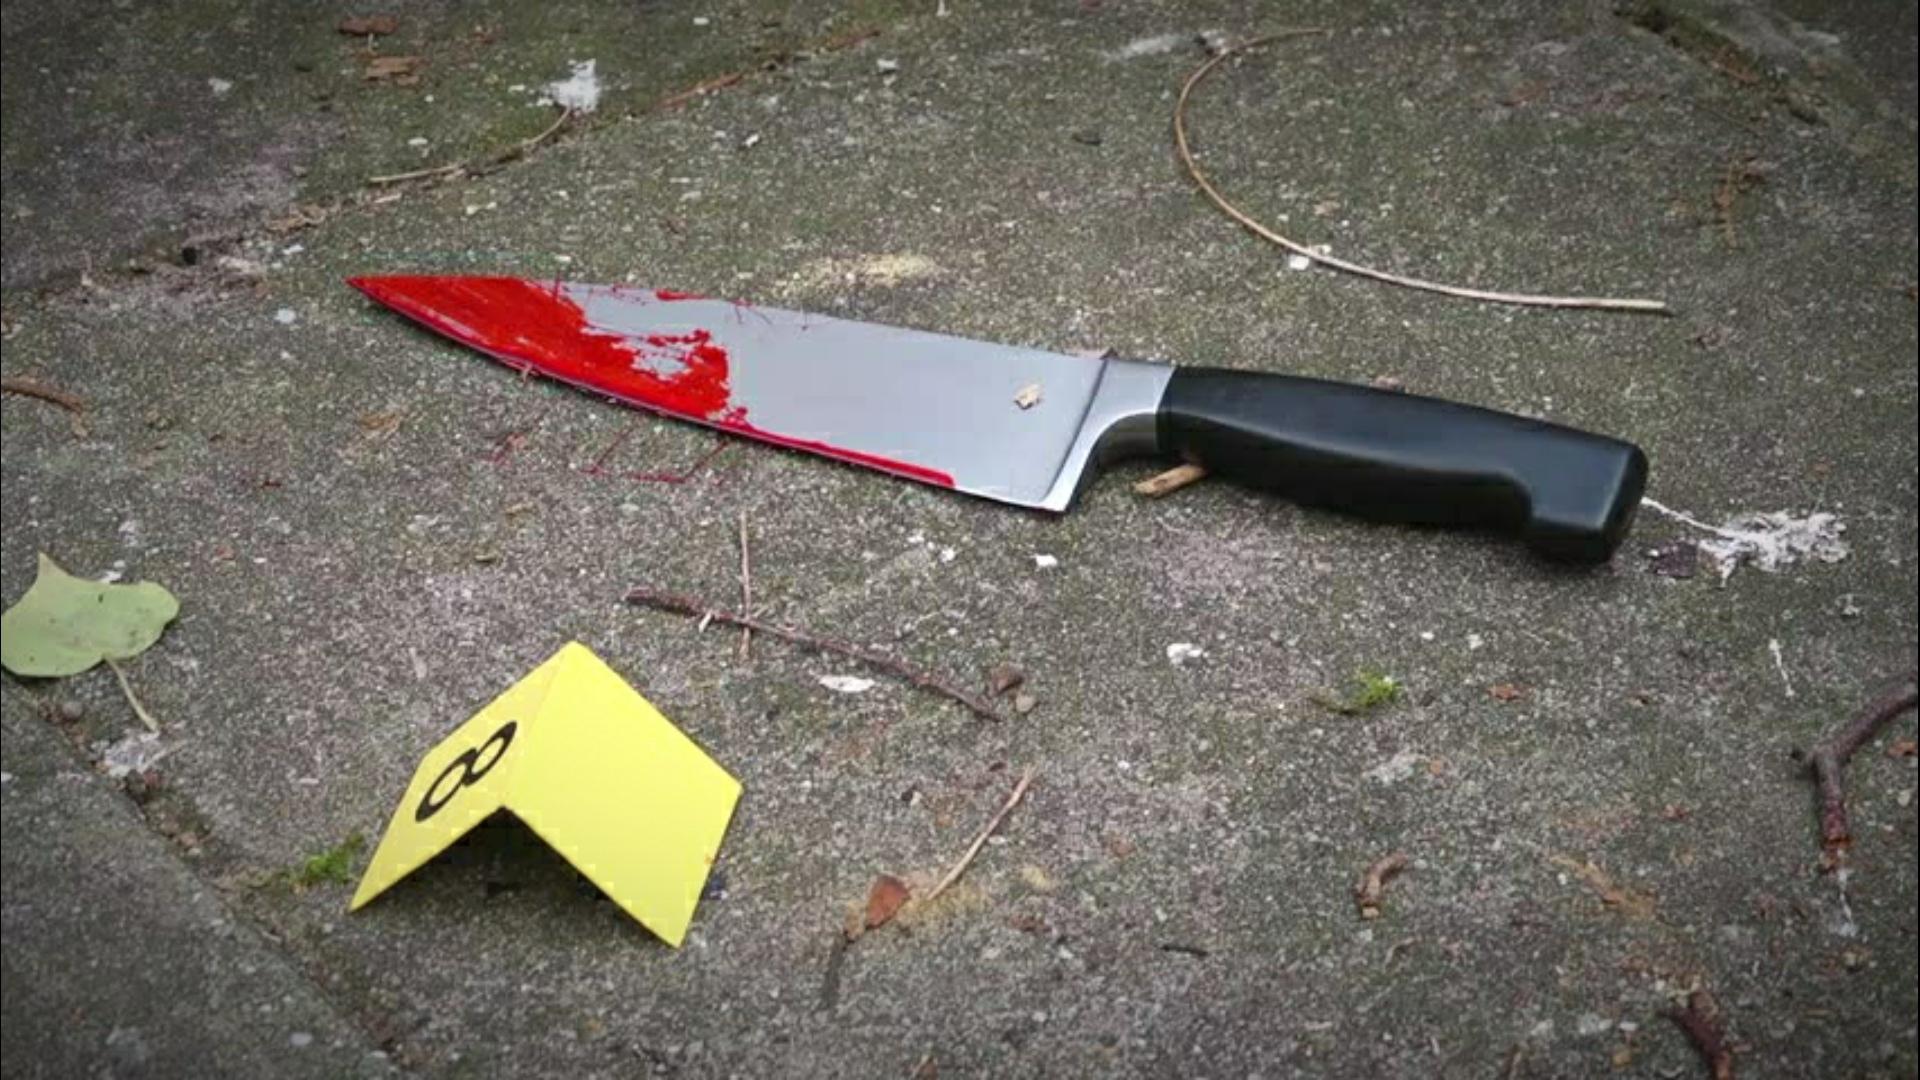 O tânără cu gâtul tăiat, găsită moartă! Crimă oribilă în Petroşani